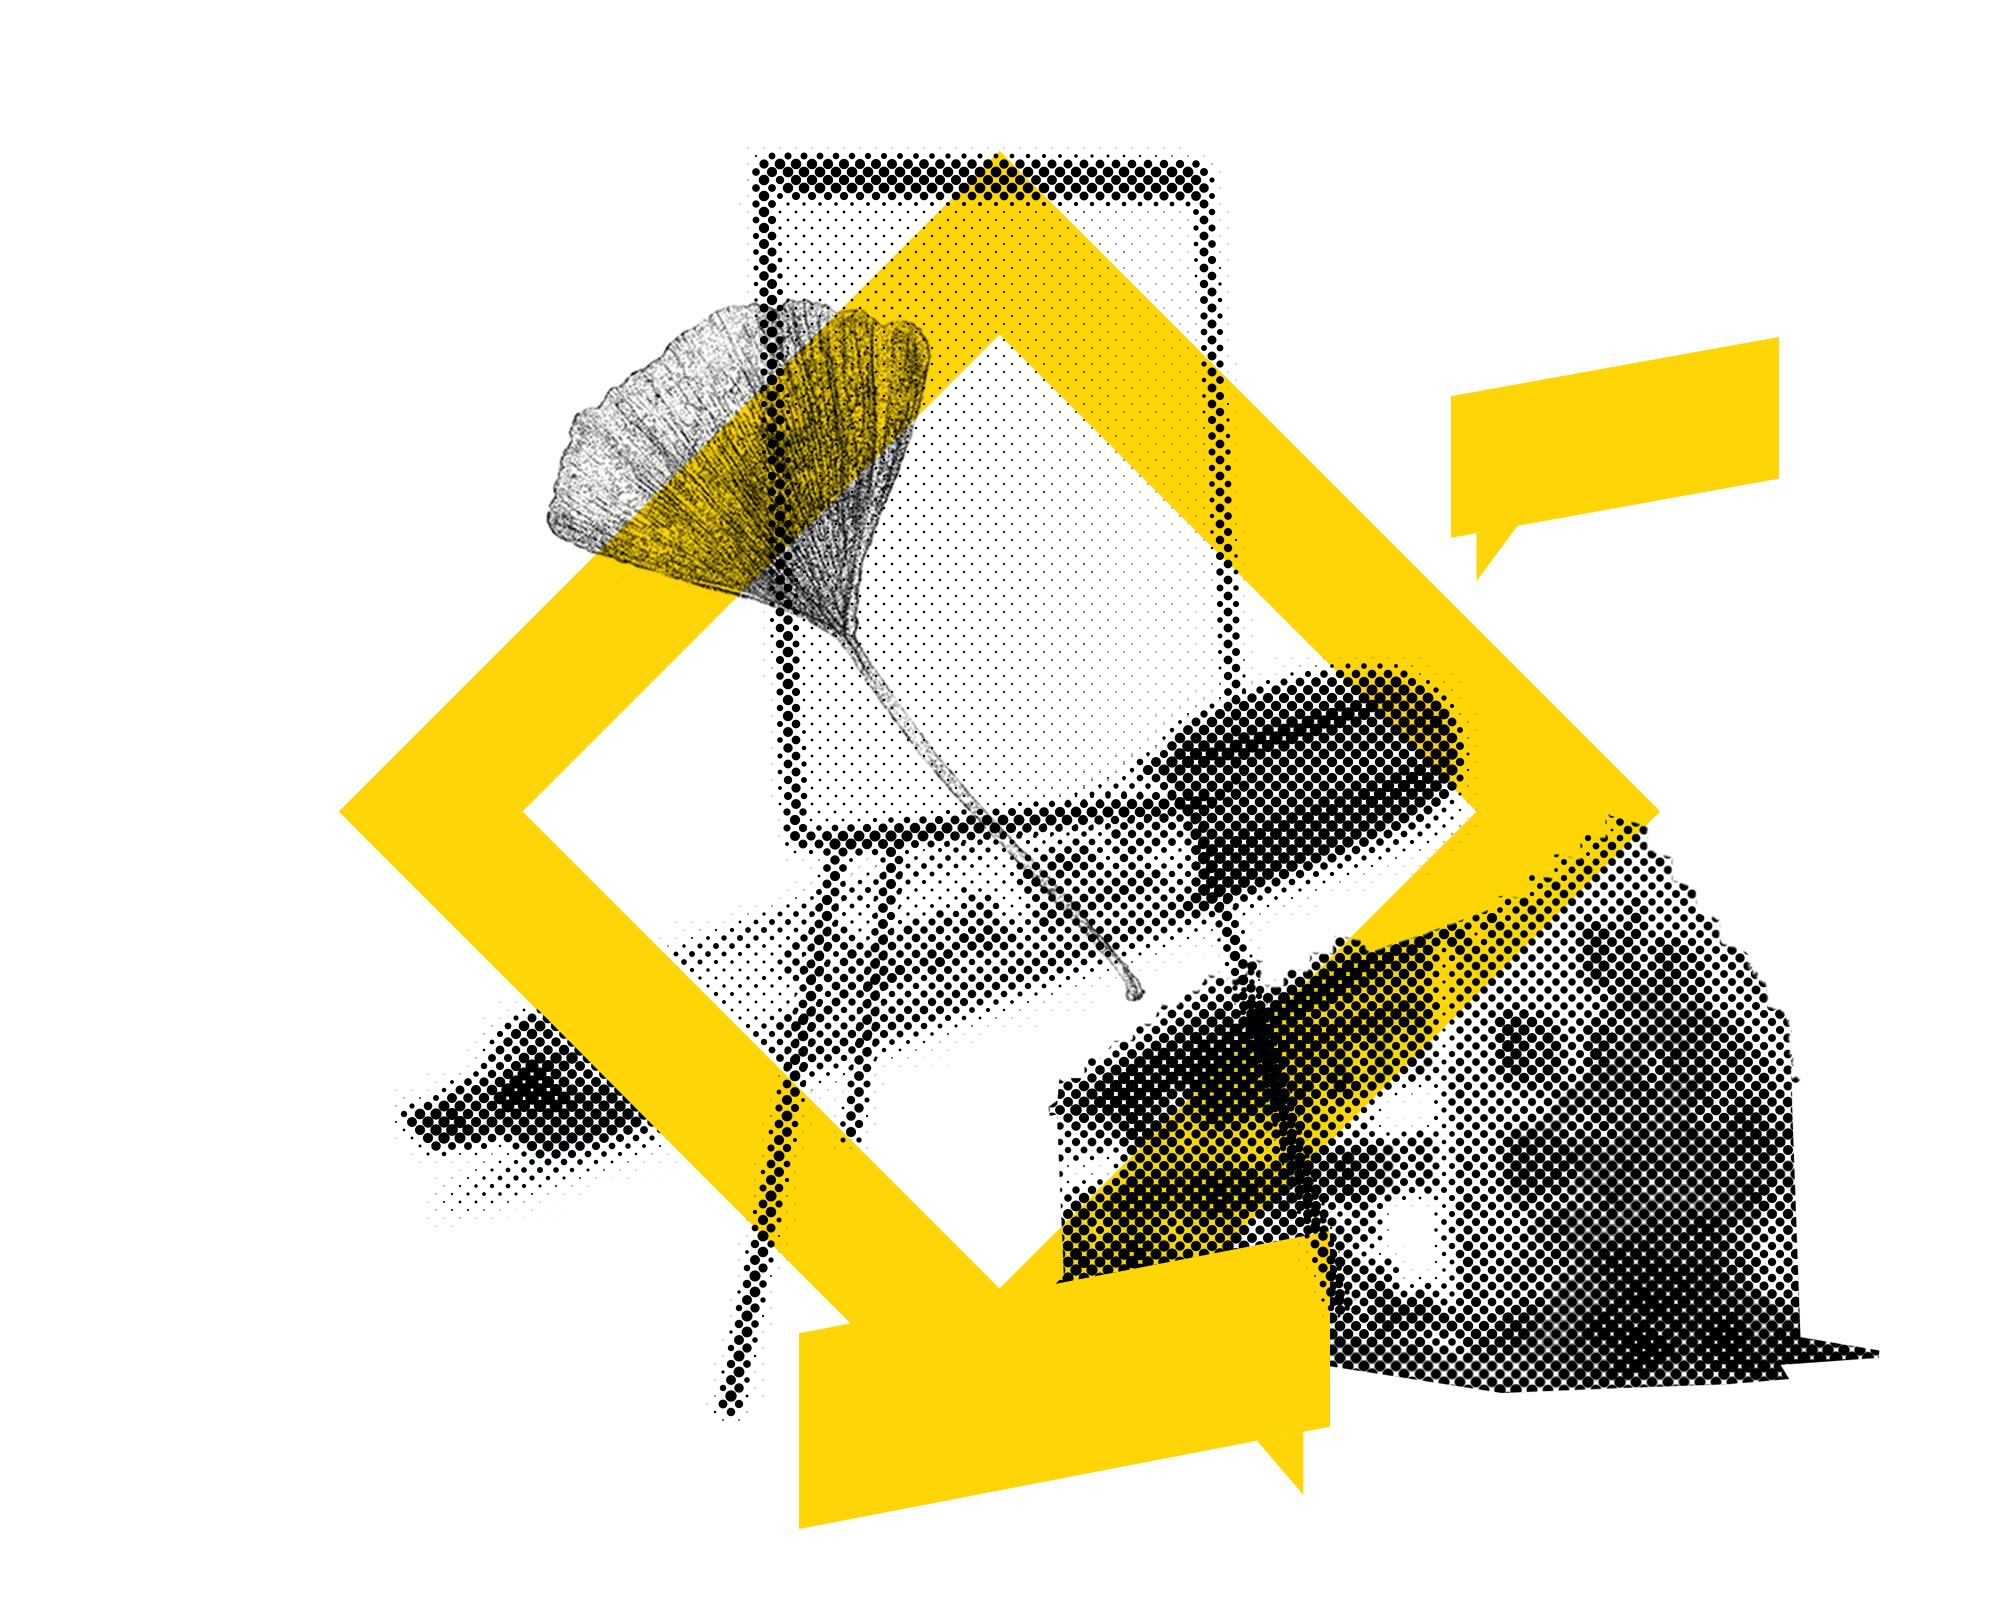 Collage Illustration mit Gingkoblatt Agroscope, Flipchart, Stift und grafischen Elementen zum Thema Workshop